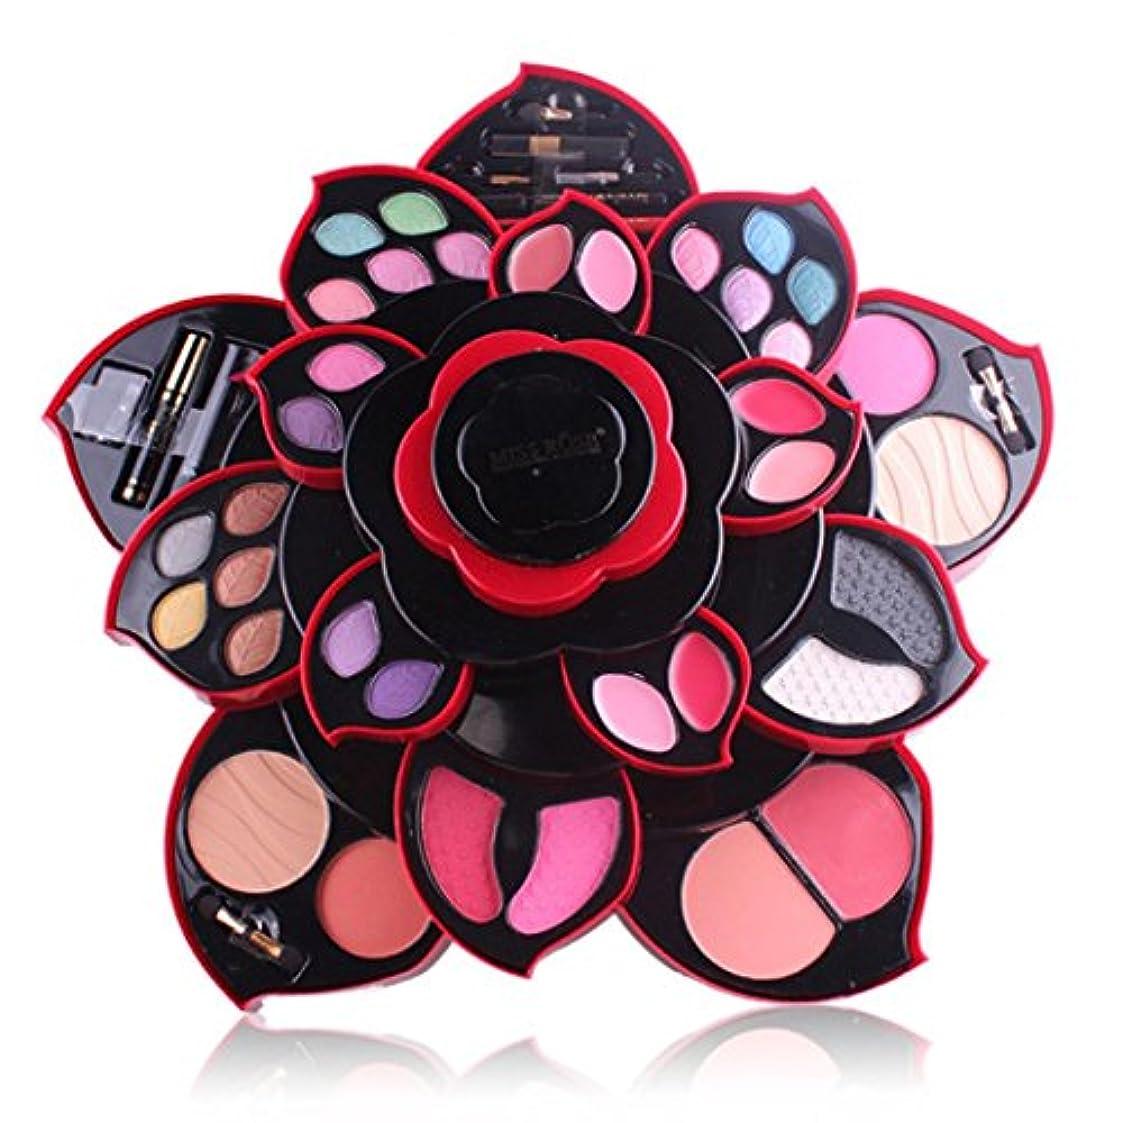 無視会話報復するビューティー アイシャドー wwkeiying アイシャドウセット ファッション 23色 梅の花デザイン メイクボックス 回転多機能化粧品 プロ化粧師 メイクの達人 プレゼント (02)